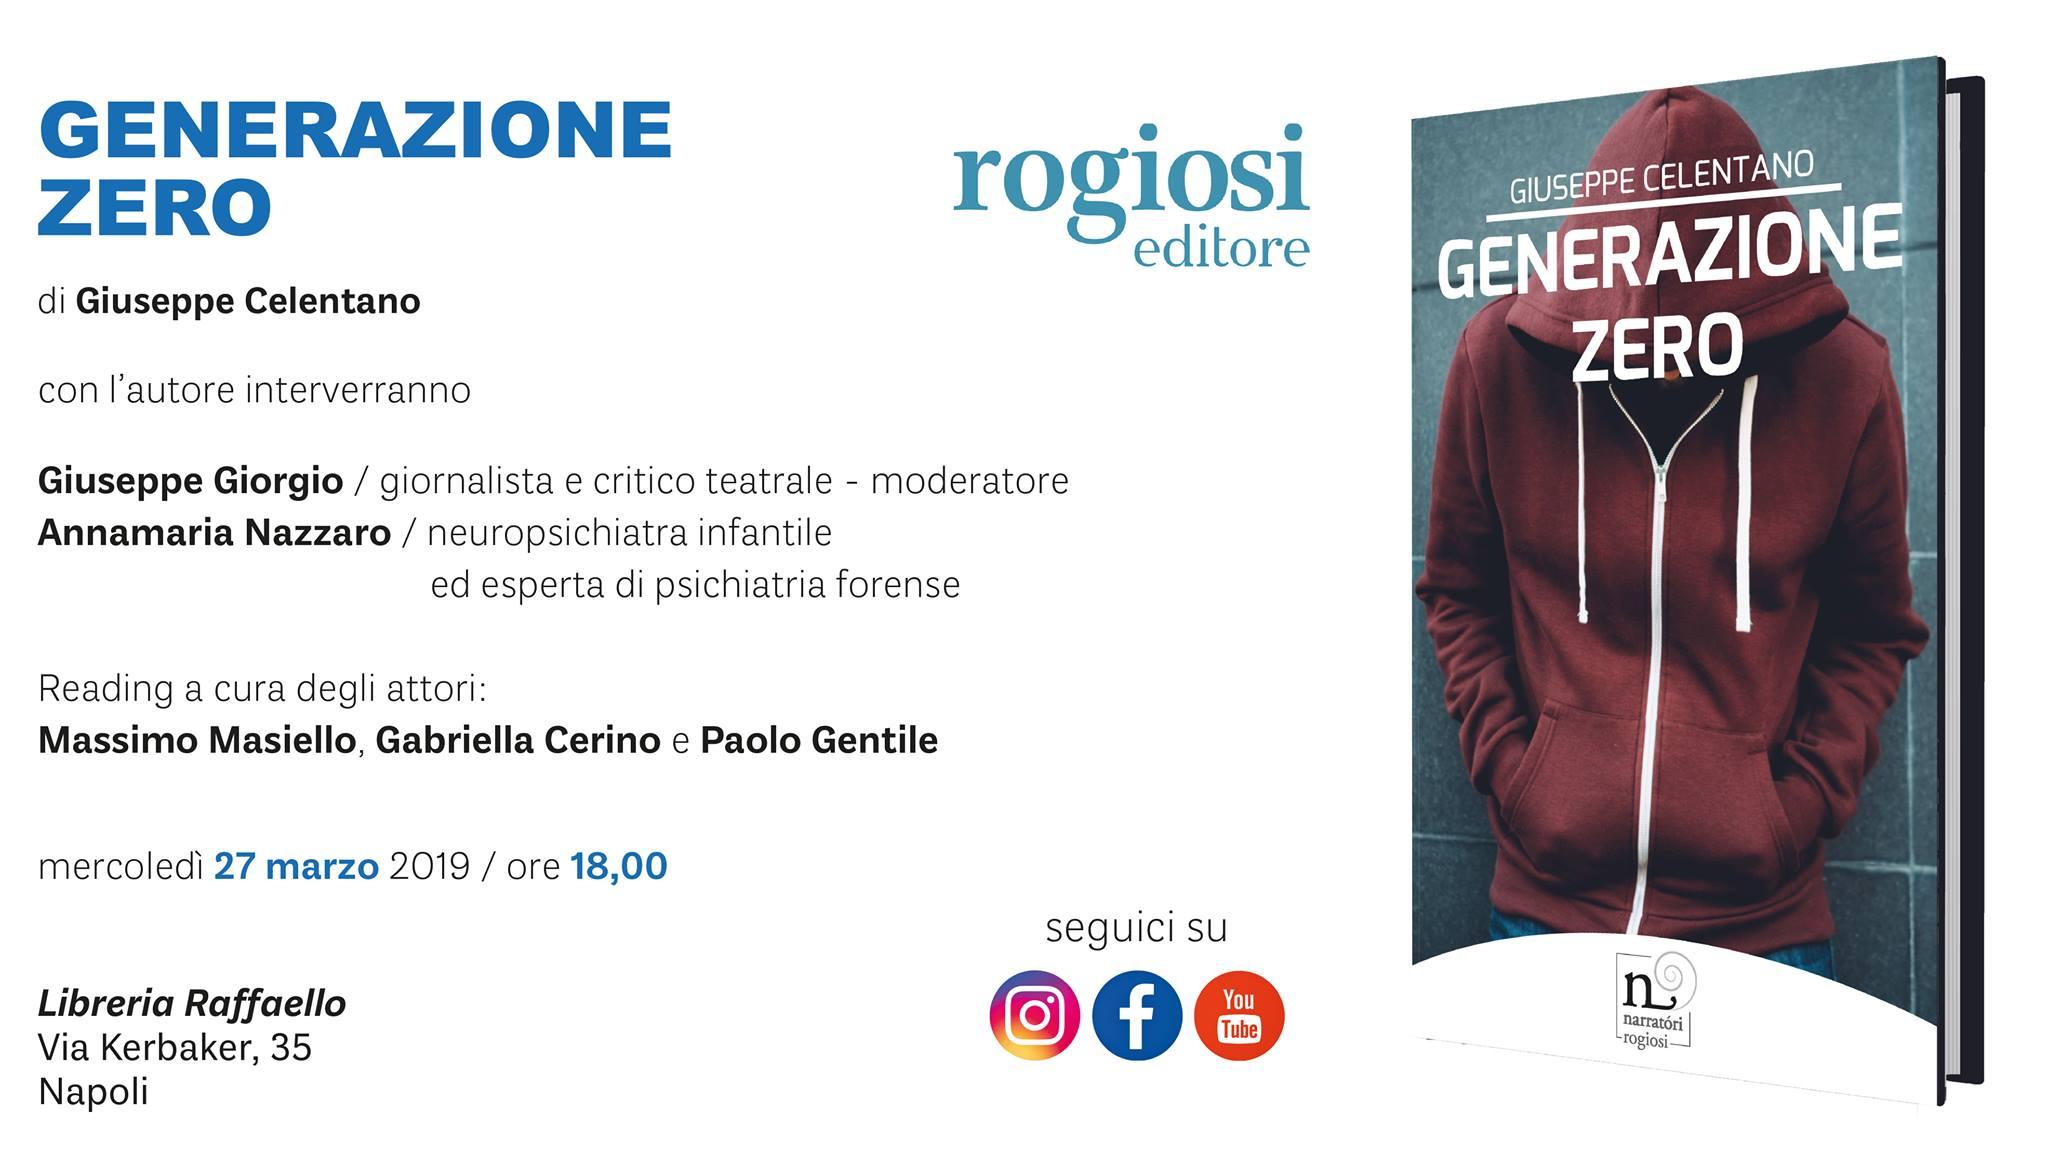 Generazione Zero alla Libreria Raffaello